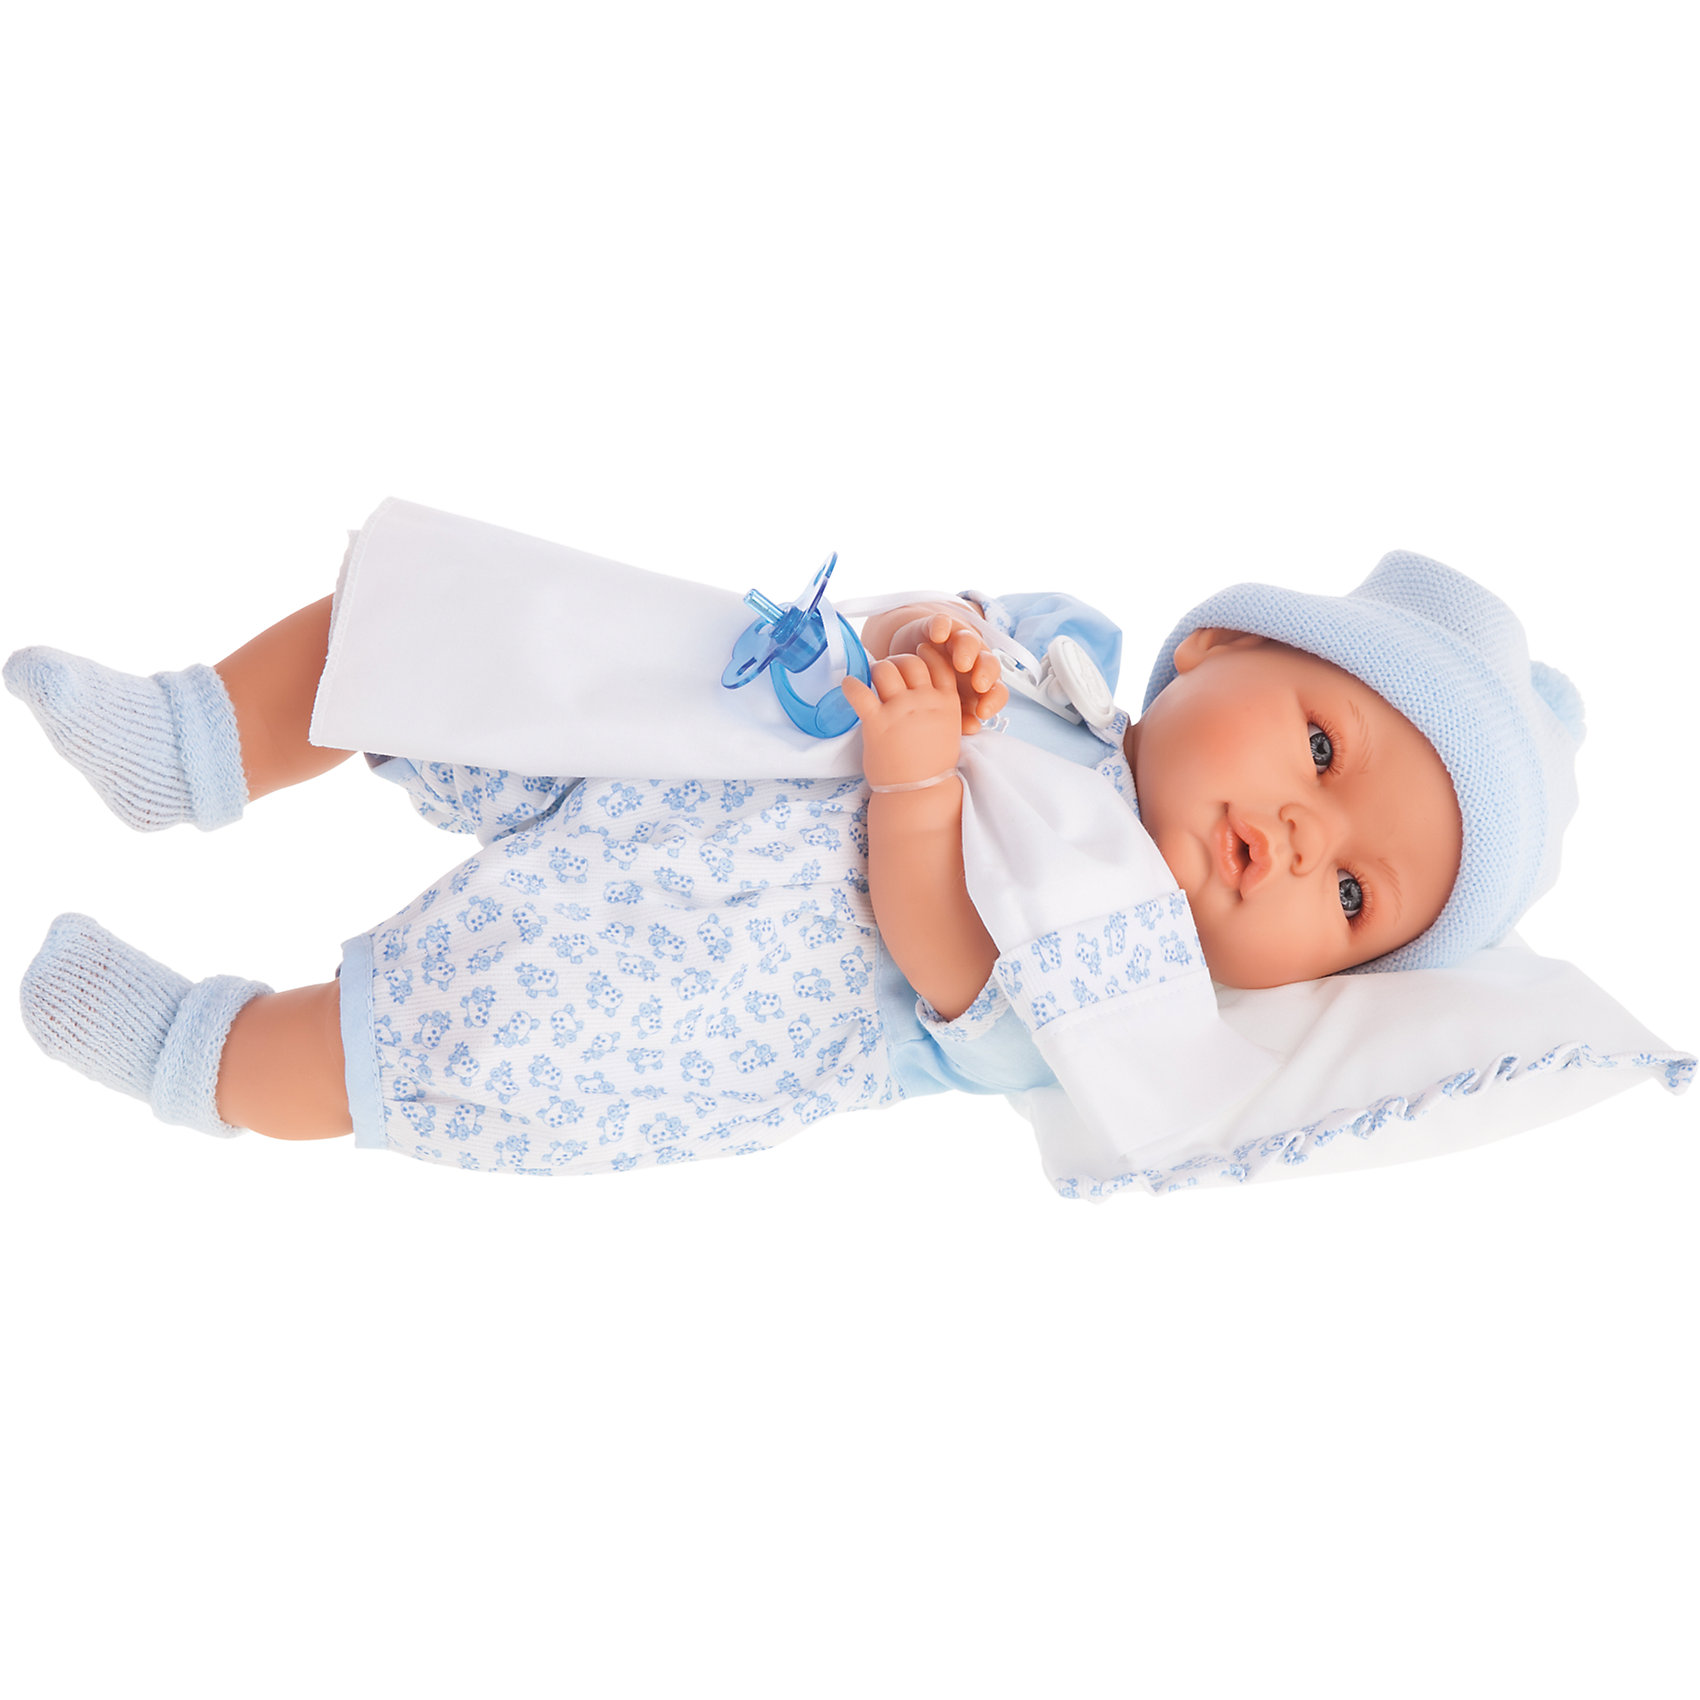 Кукла Габи в голубом, плачущая, 36 см, Munecas Antonio JuanКуклы-пупсы<br>Характеристики товара:<br><br>• возраст: от 3 лет;<br>• материал: винил, текстиль;<br>• в комплекте: кукла, комбинезон, шапочка, носки, соска;<br>• высота куклы: 36 см;<br>• размер упаковки: 24х44х12 см;<br>• вес упаковки: 1,11 кг;<br>• страна производитель: Испания.<br><br>Кукла Габи в голубом Munecas Antonio Juan — очаровательный малыш с выразительными глазками и пухлыми щечками. Кукла одета в голубой комбинезон и шапочку.<br><br>У куклы подвижные ручки и ножки. Габи умеет плакать. Если куколка заплачет, надо дать ей соску и успокоить ее. Игра с куклой привьет девочке чувство заботы, помощи, ответственности и любви. Кукла выполнена из качественных безопасных материалов.<br><br>Куклу Габи в голубом Munecas Antonio Juan можно приобрести в нашем интернет-магазине.<br><br>Ширина мм: 440<br>Глубина мм: 245<br>Высота мм: 120<br>Вес г: 1033<br>Возраст от месяцев: 36<br>Возраст до месяцев: 2147483647<br>Пол: Женский<br>Возраст: Детский<br>SKU: 5364645